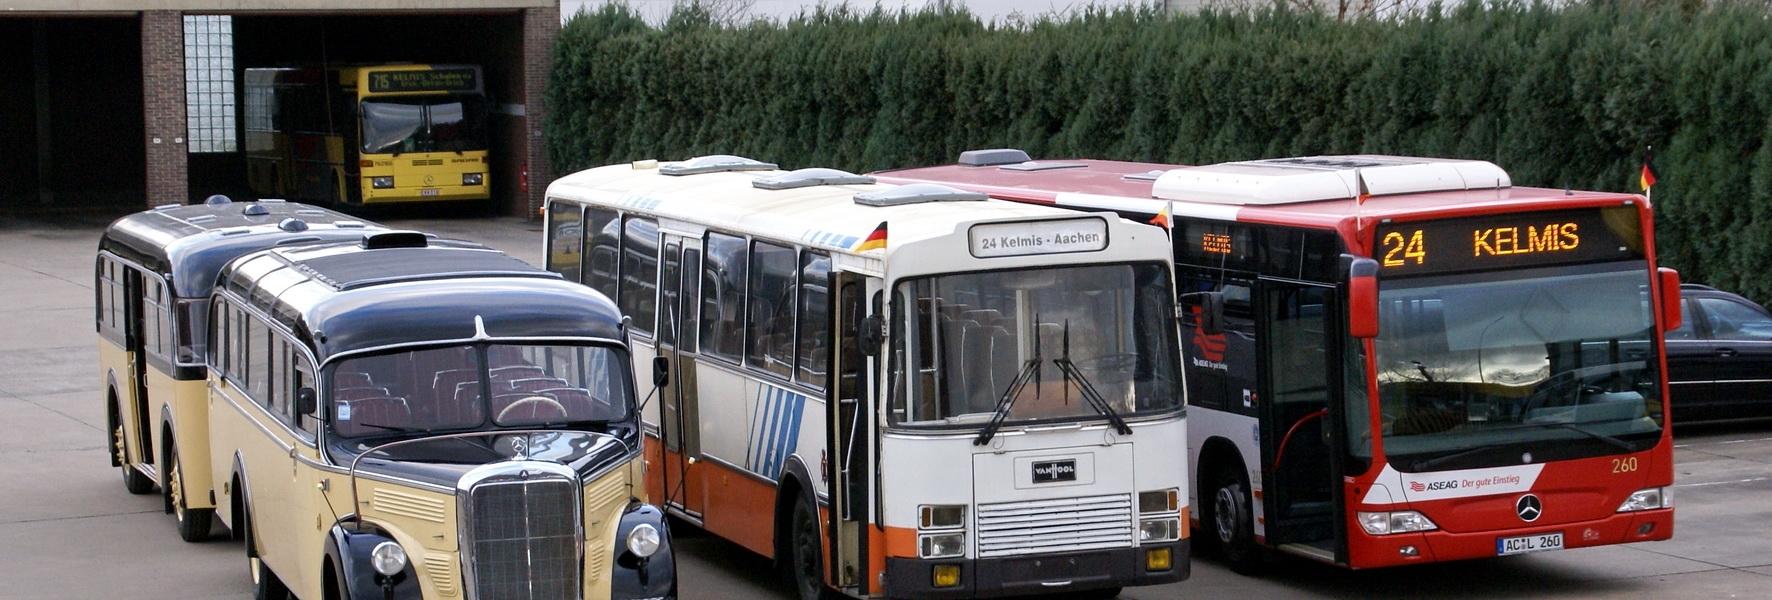 Sadar Busse Kelmis